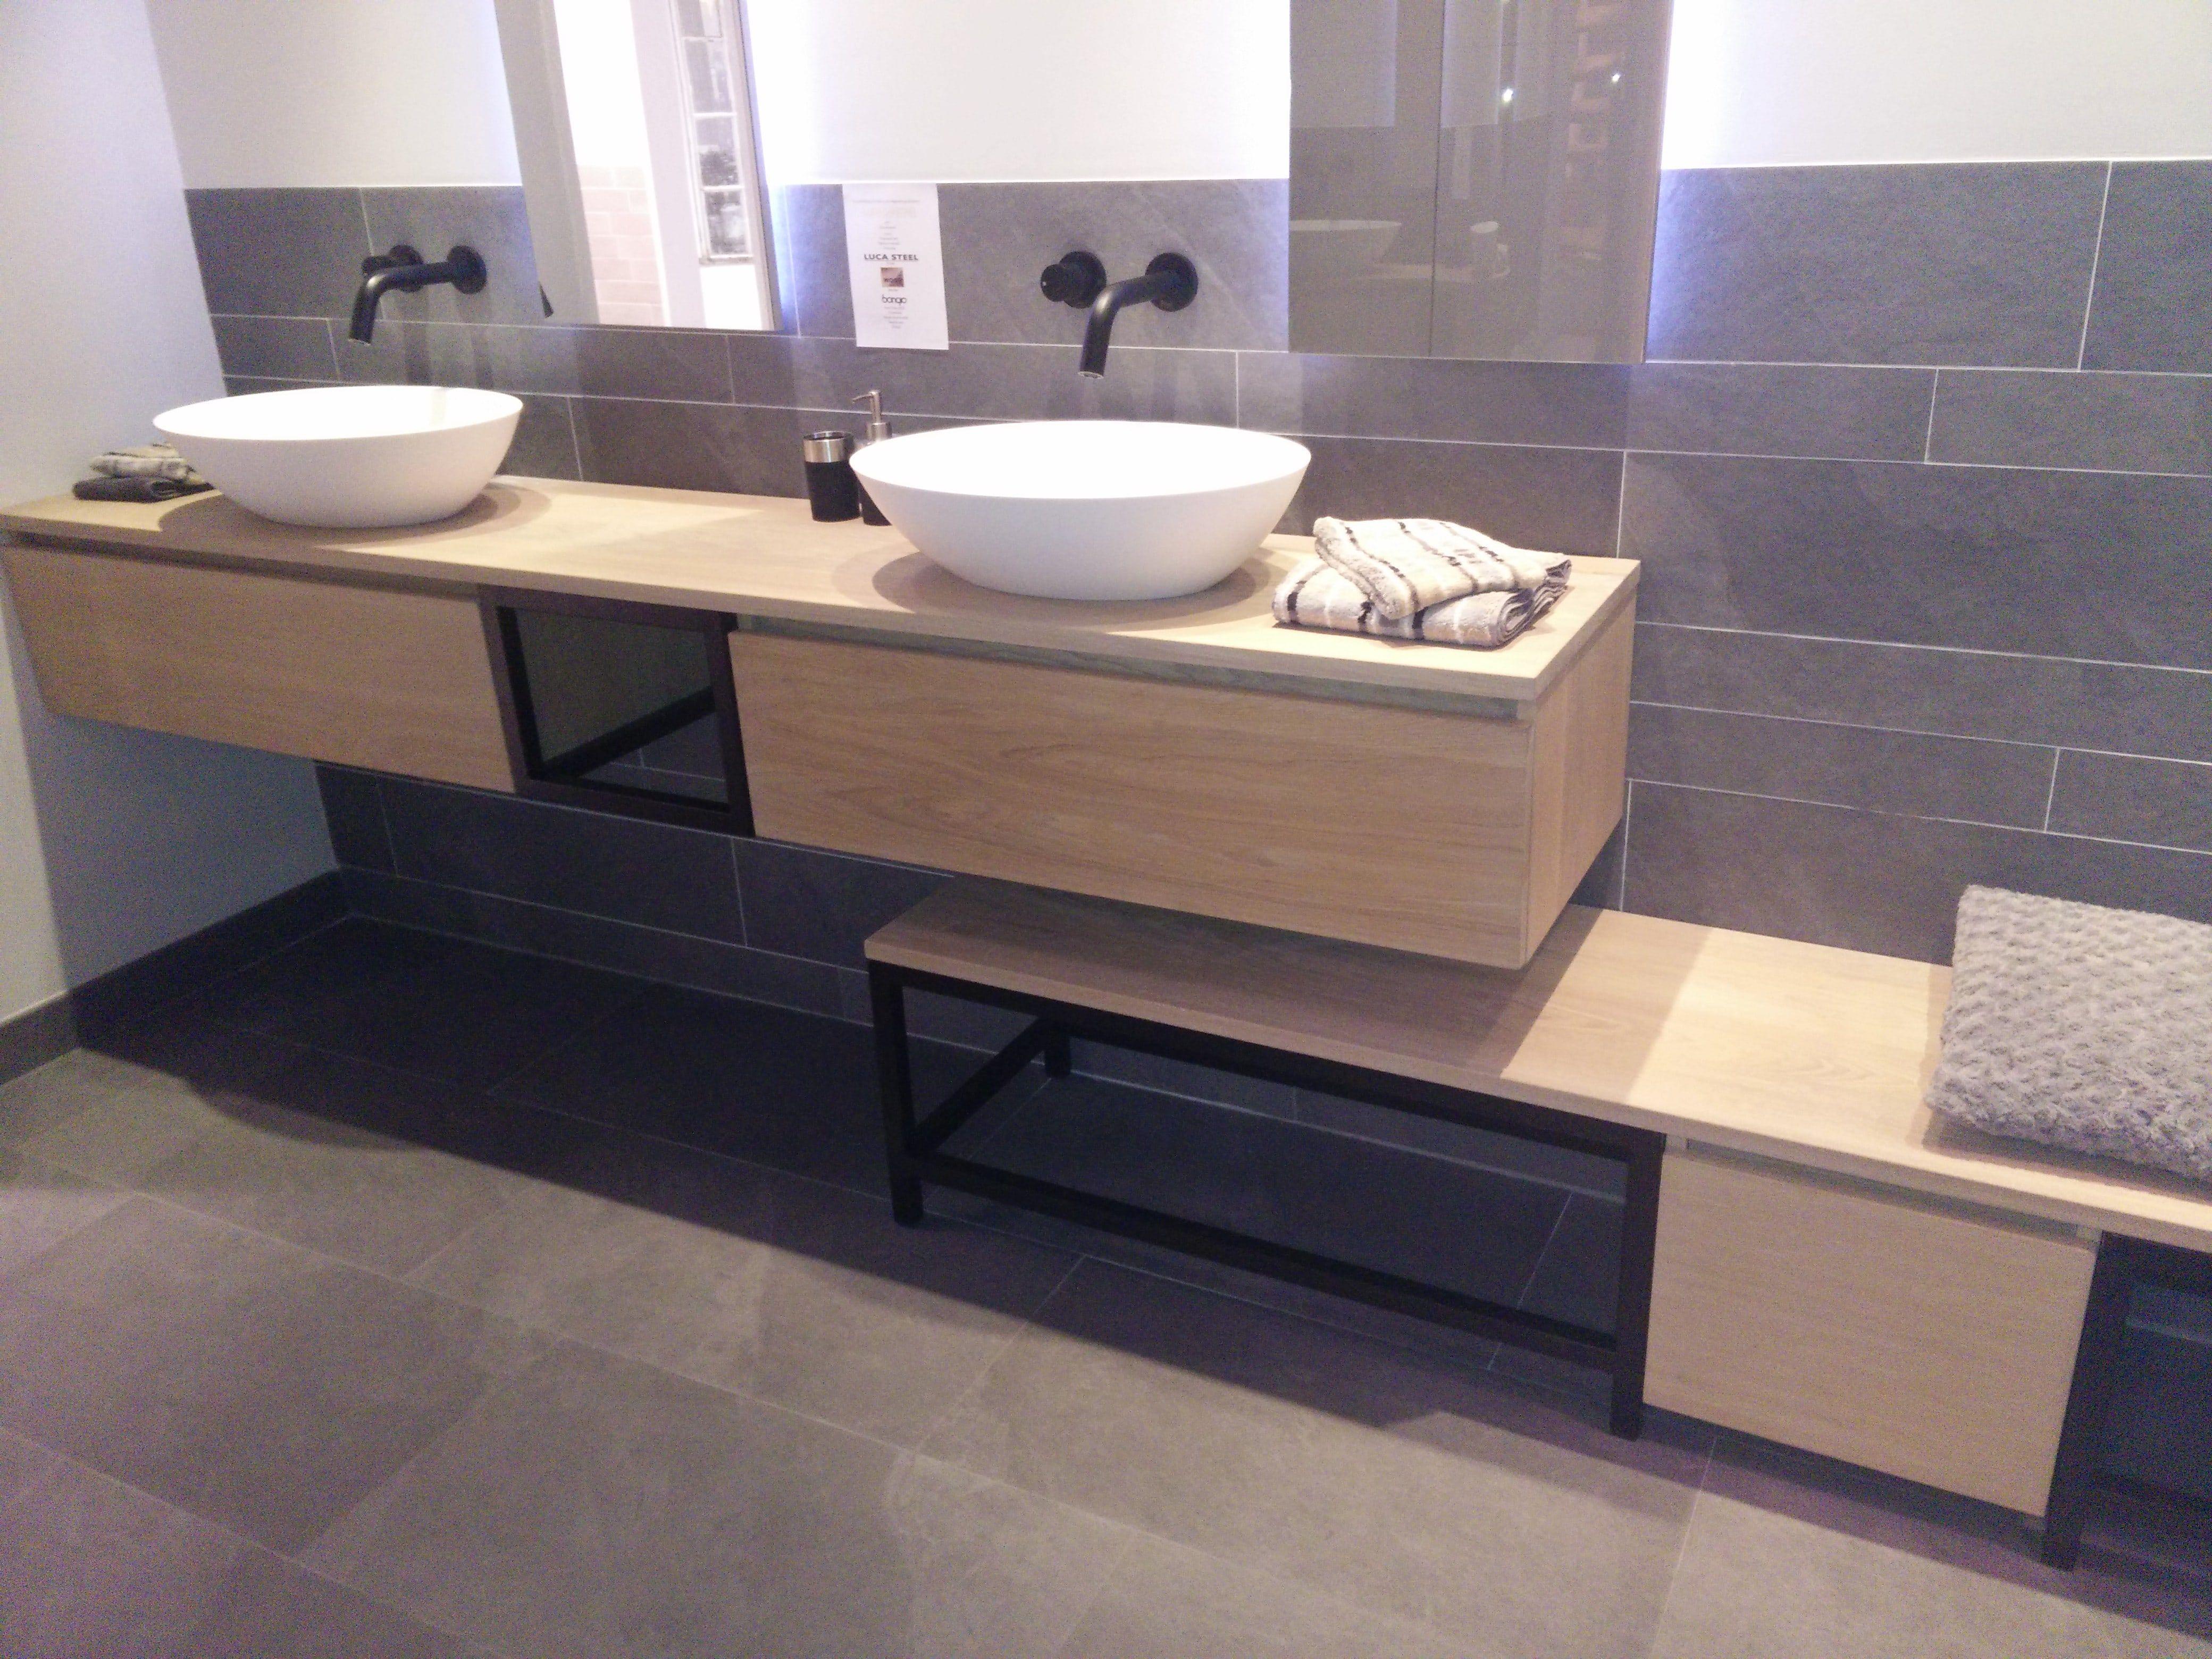 Prachtig badkamer meubel de combinatie van de prachtige